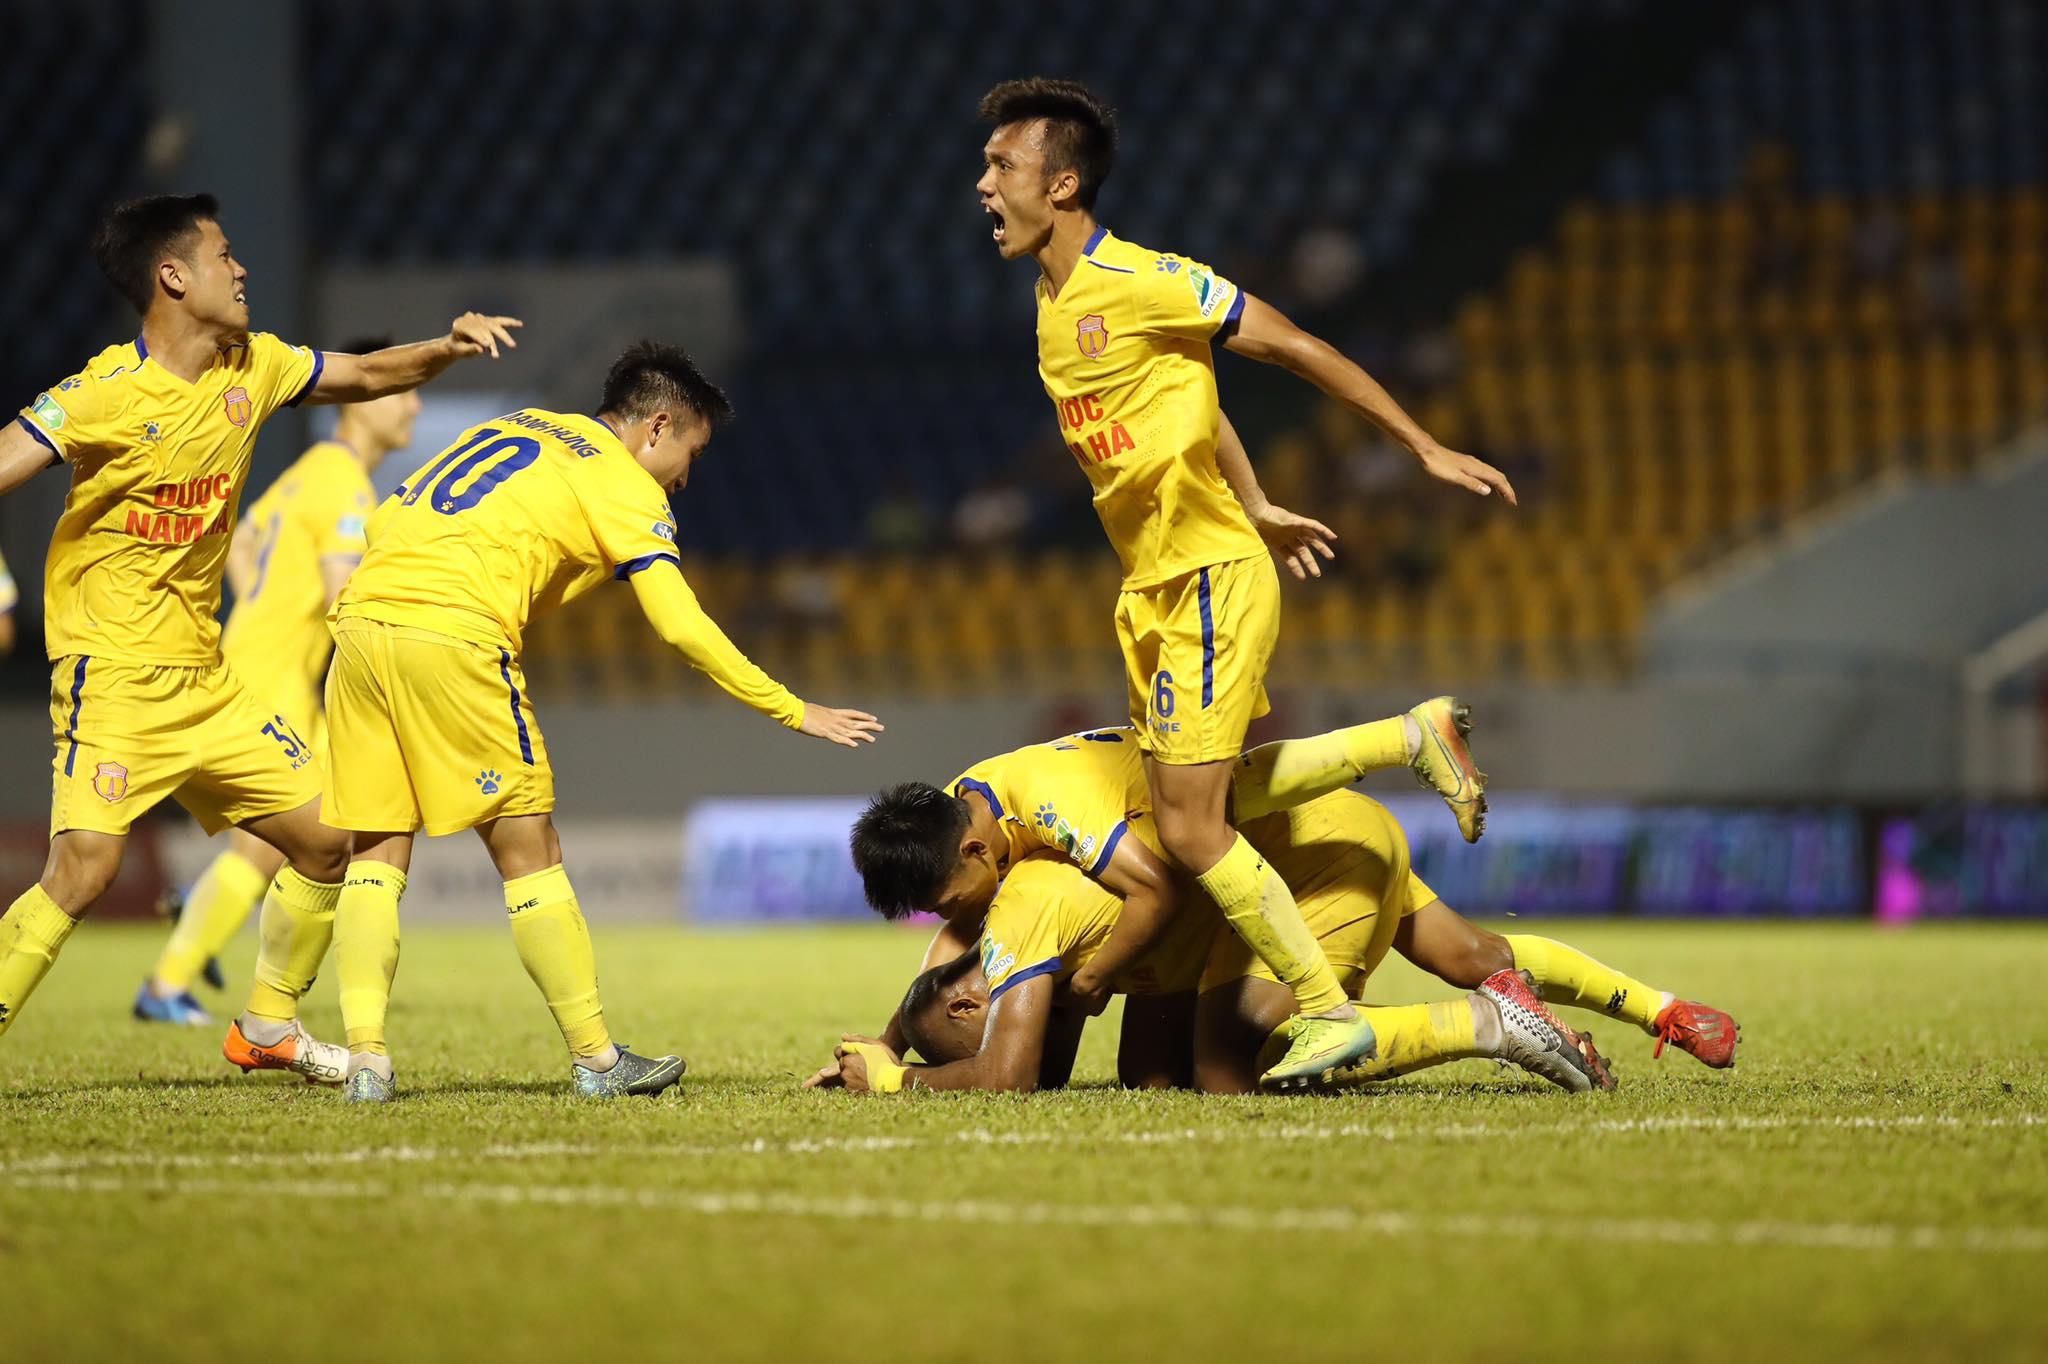 Niềm vui của đội khách sau khi liên tiếp có 2 bàn thắng quân bình tỷ số trận đấu - Ảnh: Phan Tùng